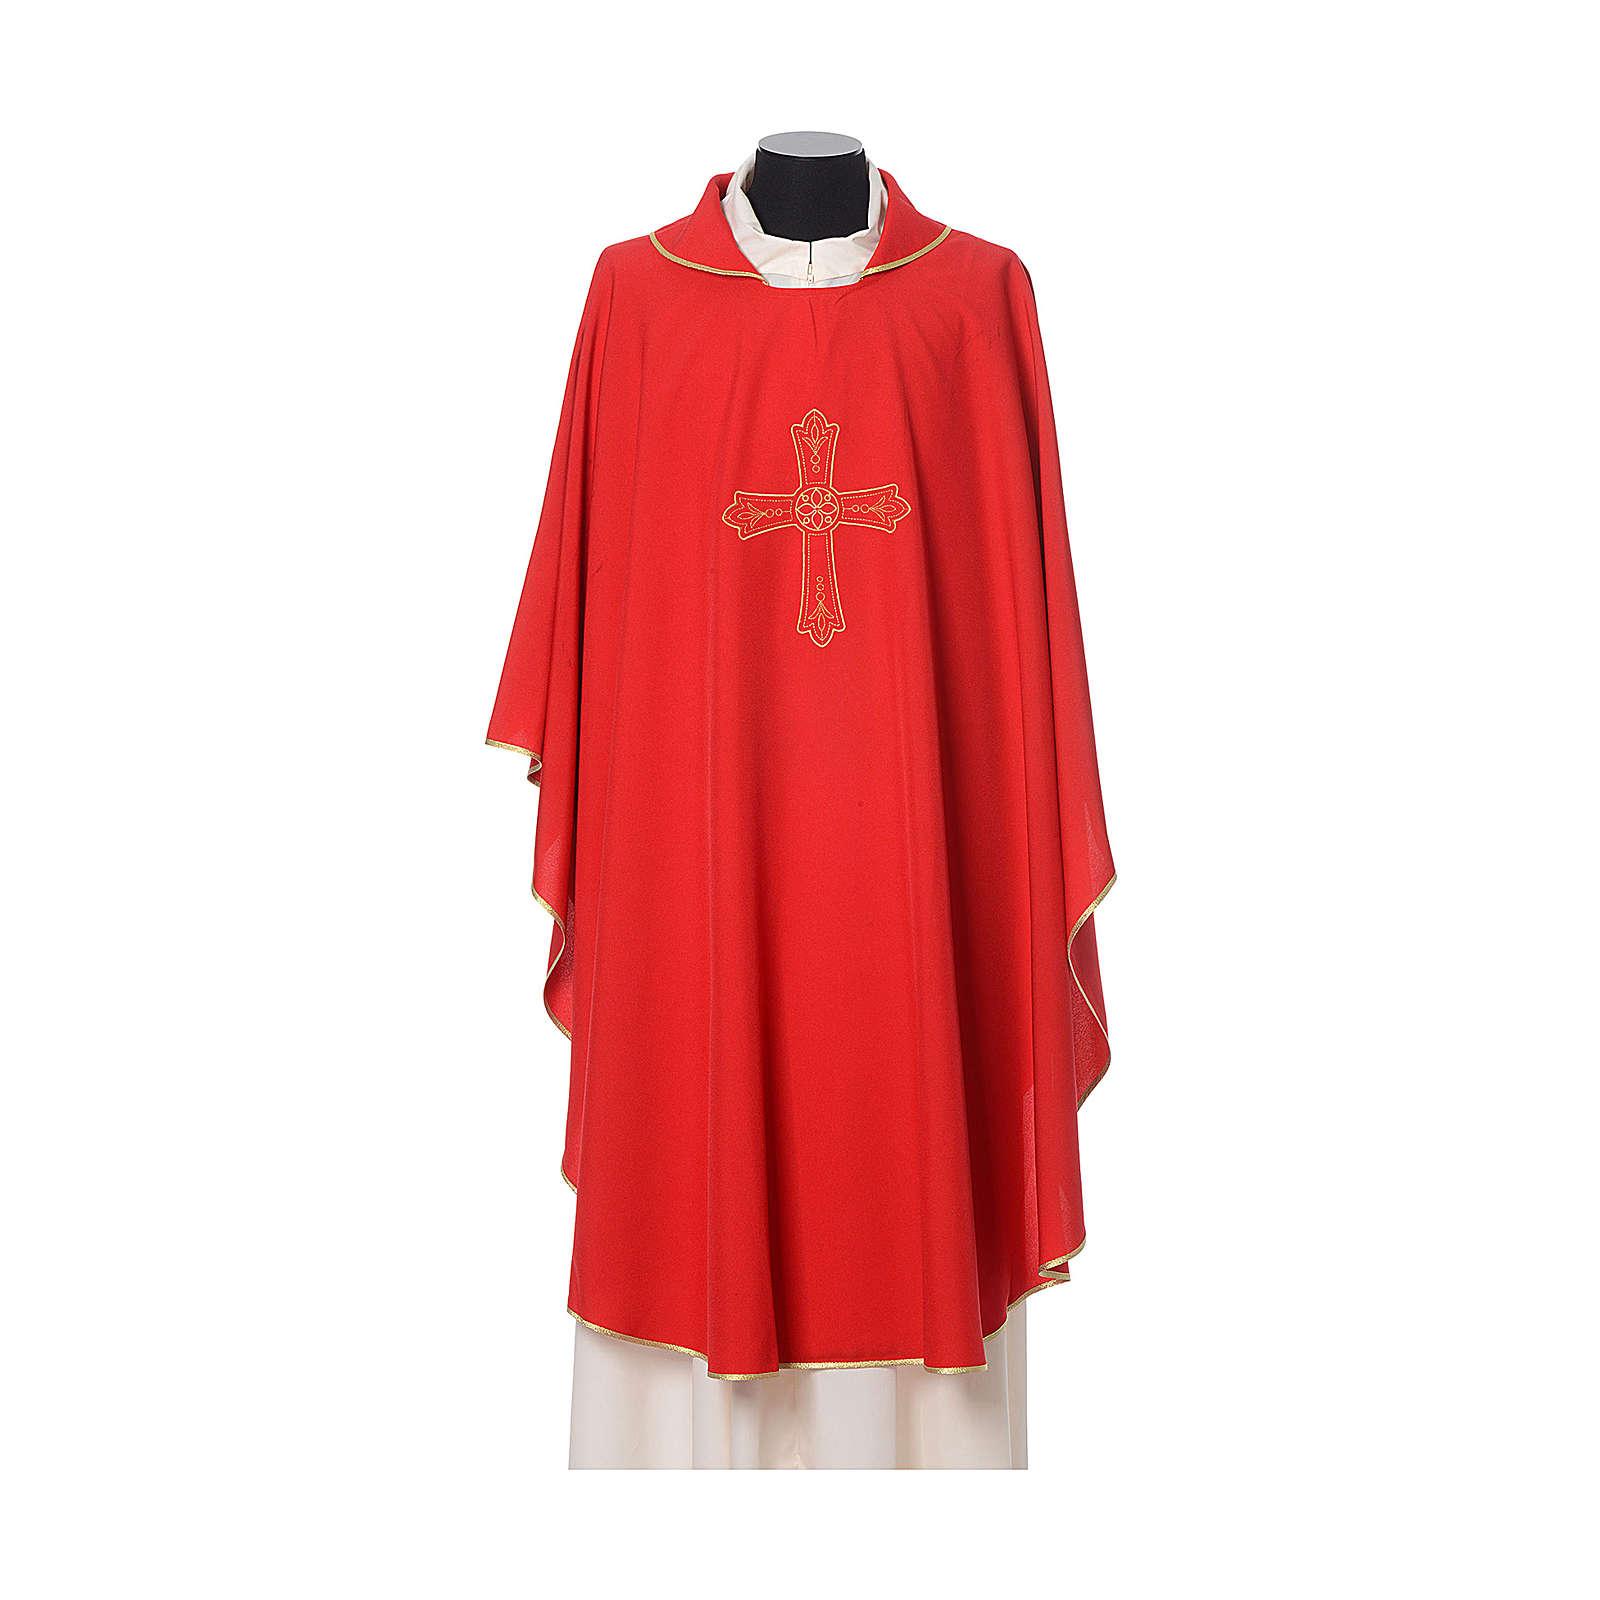 Casulla bordado cruz flor delante detrás tejido Vatican 100% poliéster 4